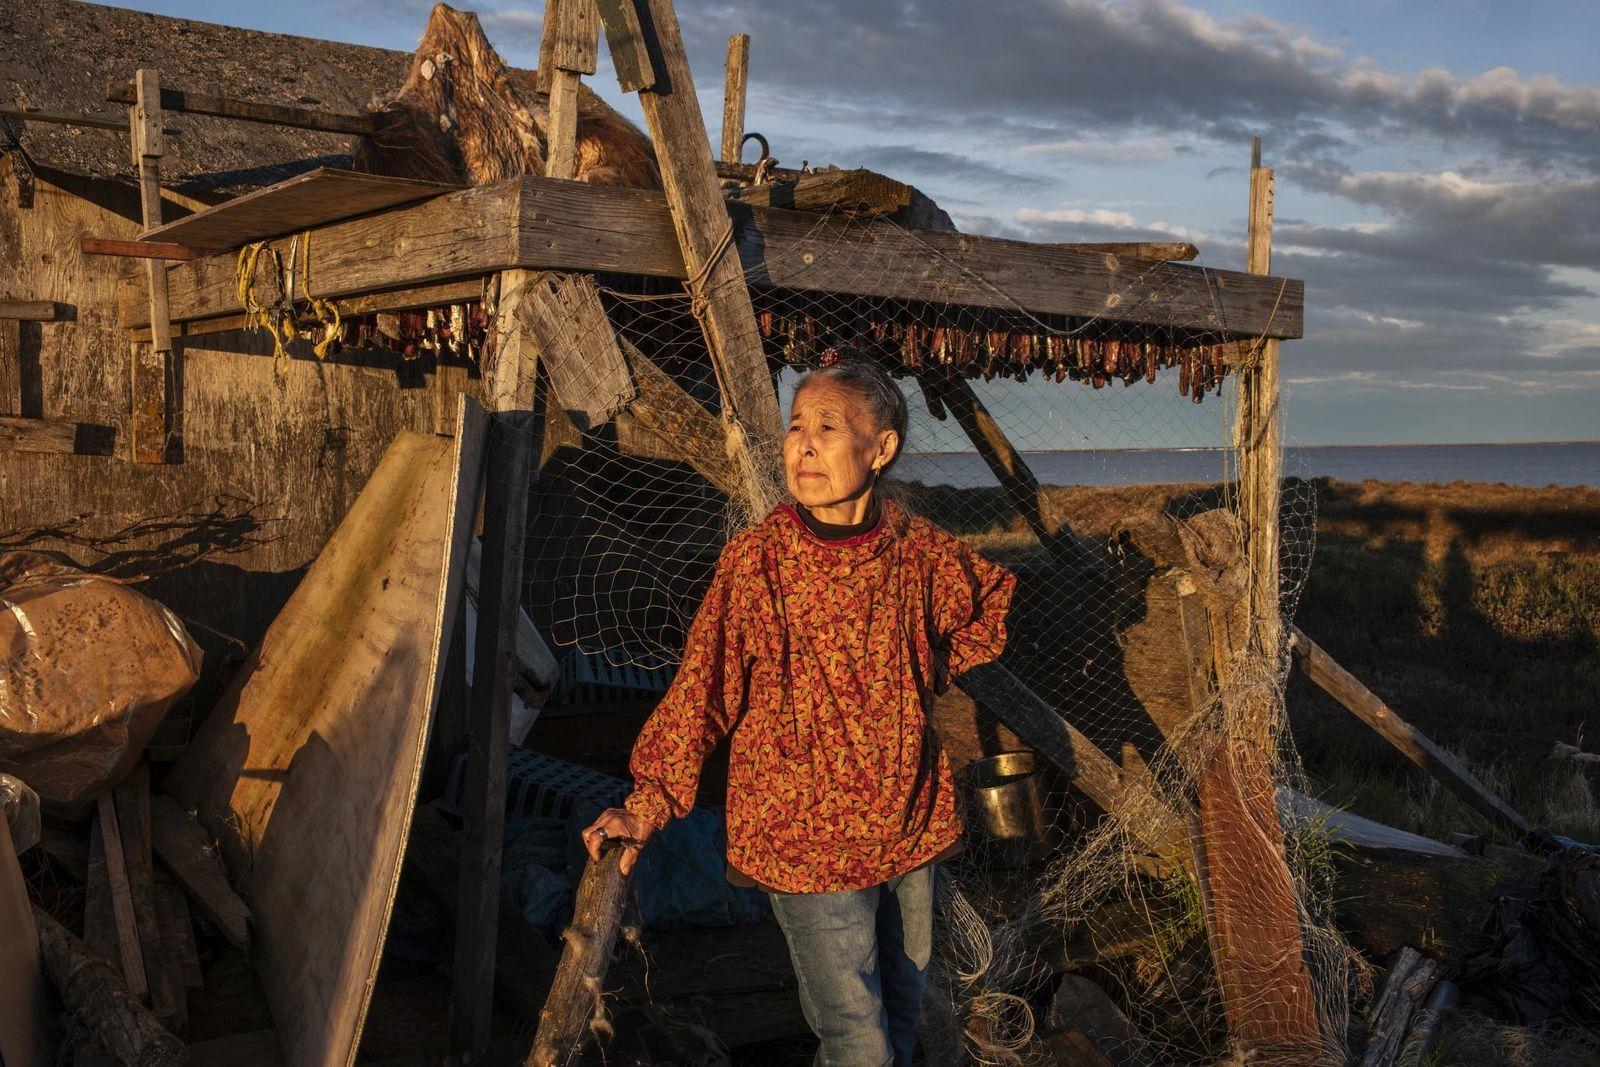 Monica Kasayuli seca arenques antes de se mudar para a nova aldeia em Mertarvik.